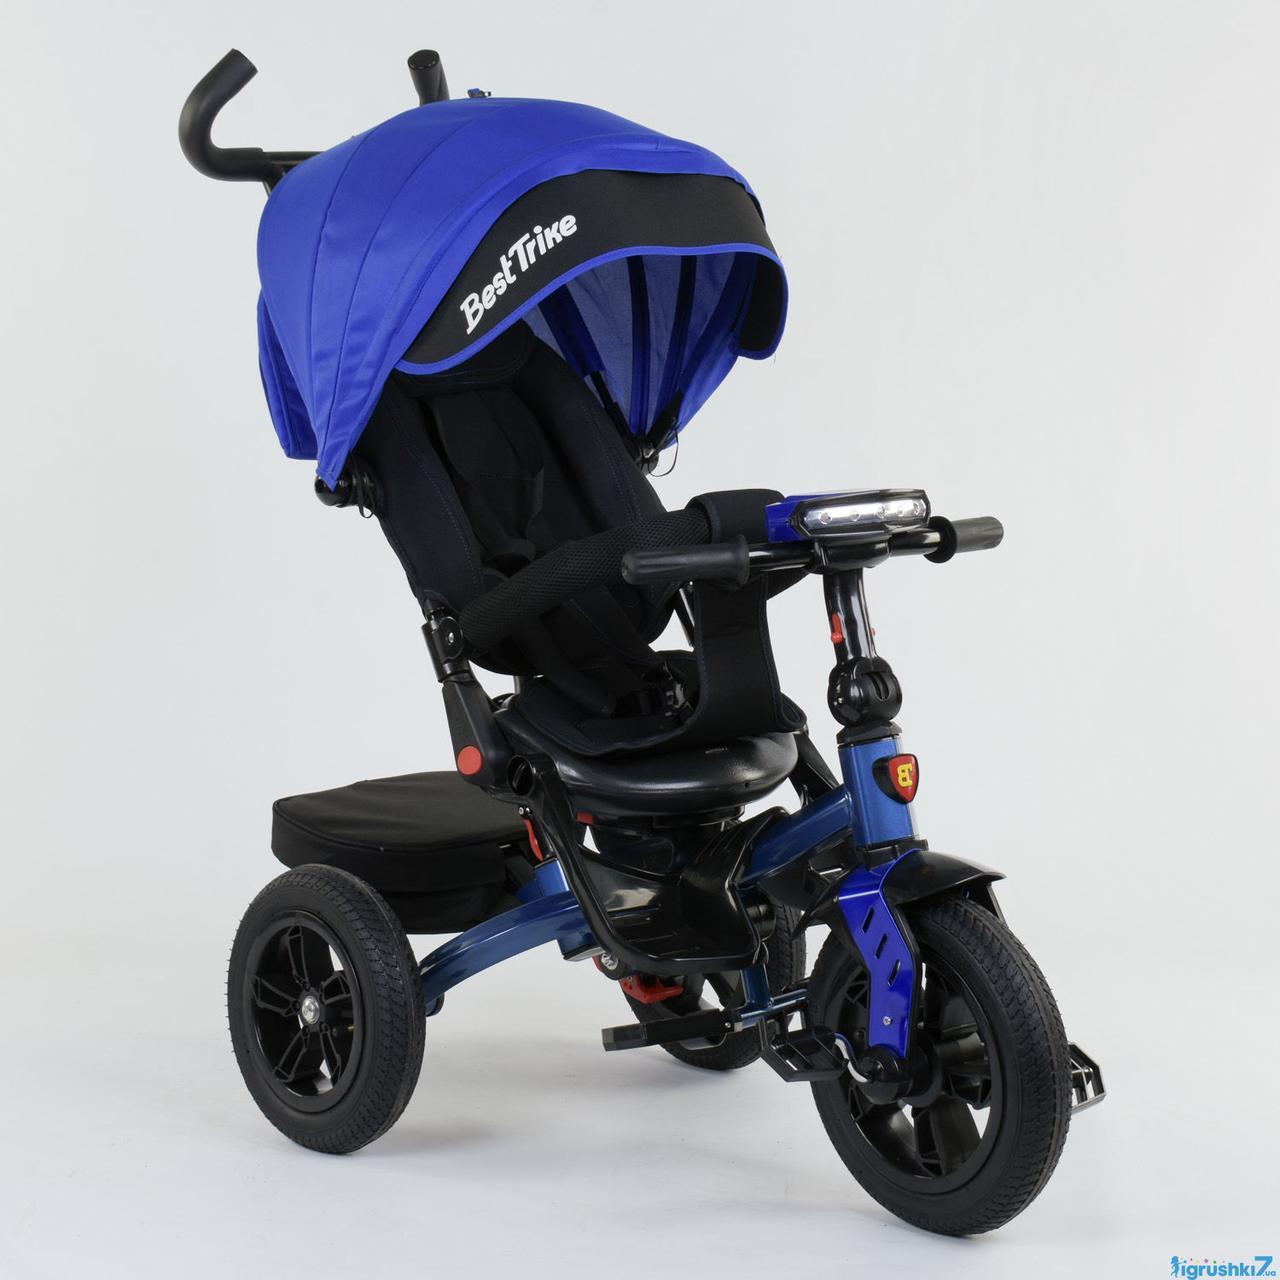 Детский трехколесный велосипед BEST TRIKE 9500 7820 (фара, музыкальная панель, поворотное сидение)